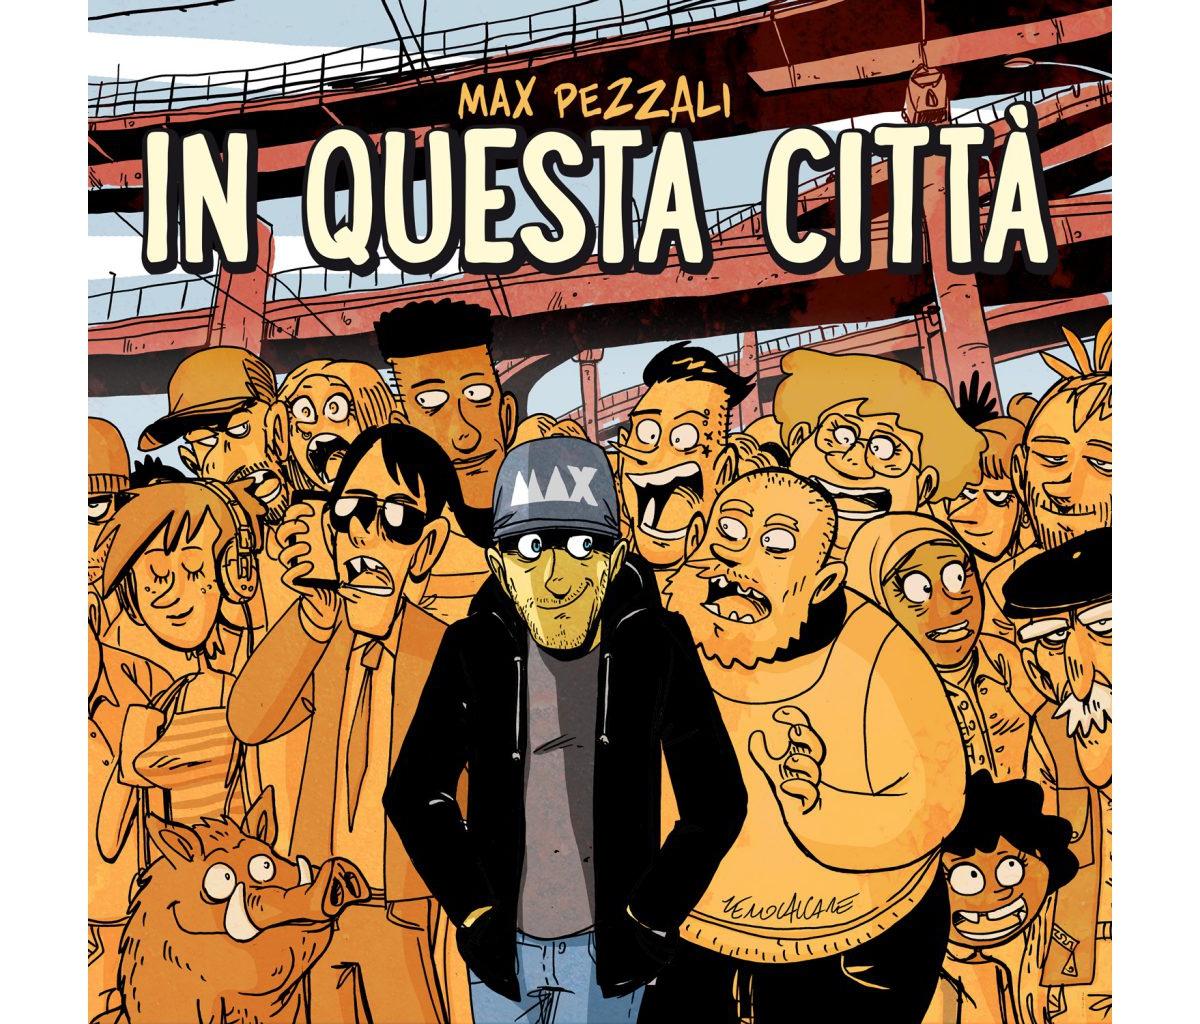 In questa città - Max Pezzali cover zerocalcare